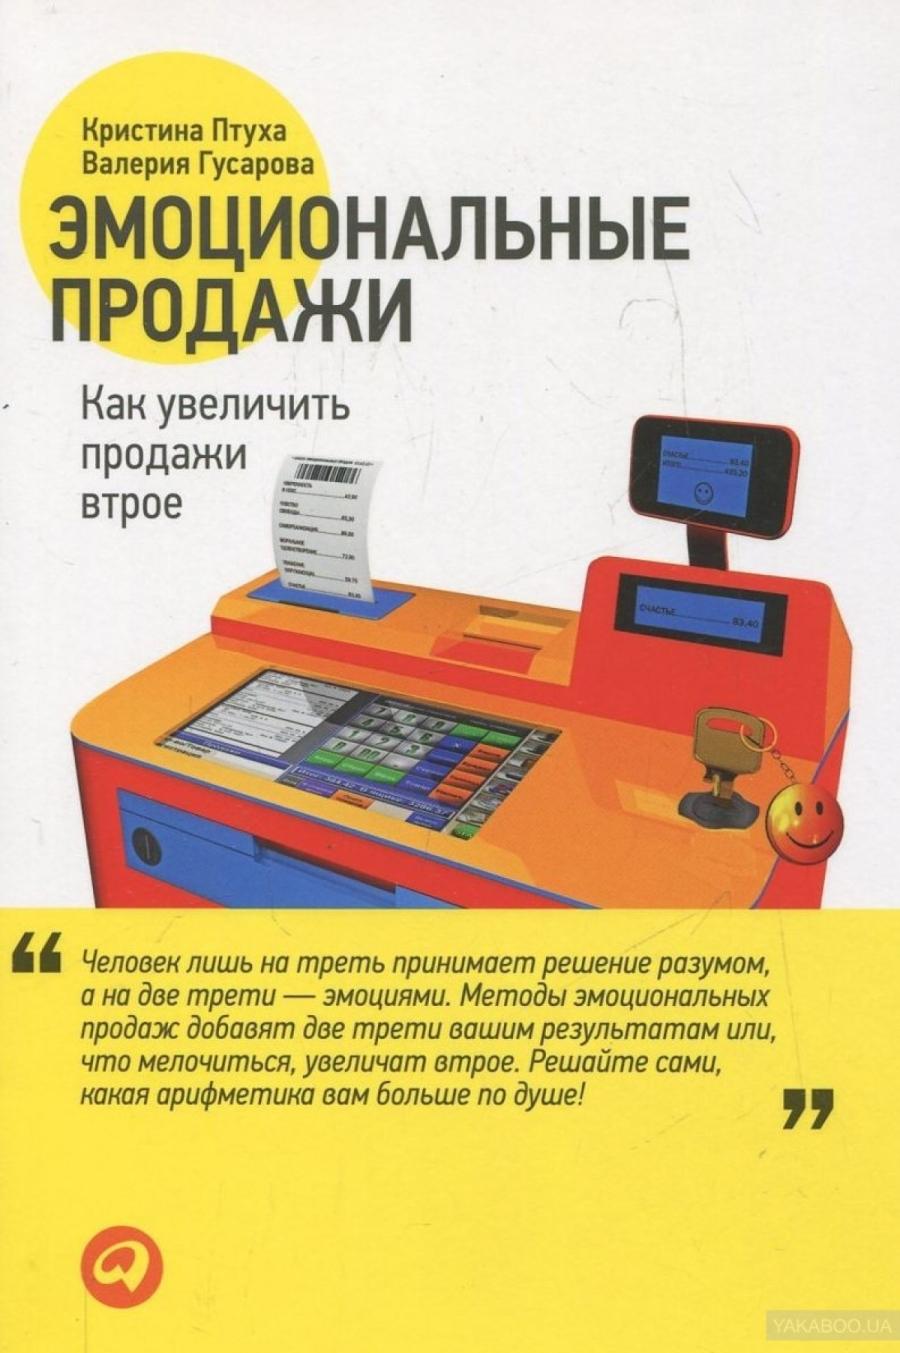 Обложка книги:  кристина птуха, валерия гусарова - эмоциональные продажи. как увеличить продажи втрое